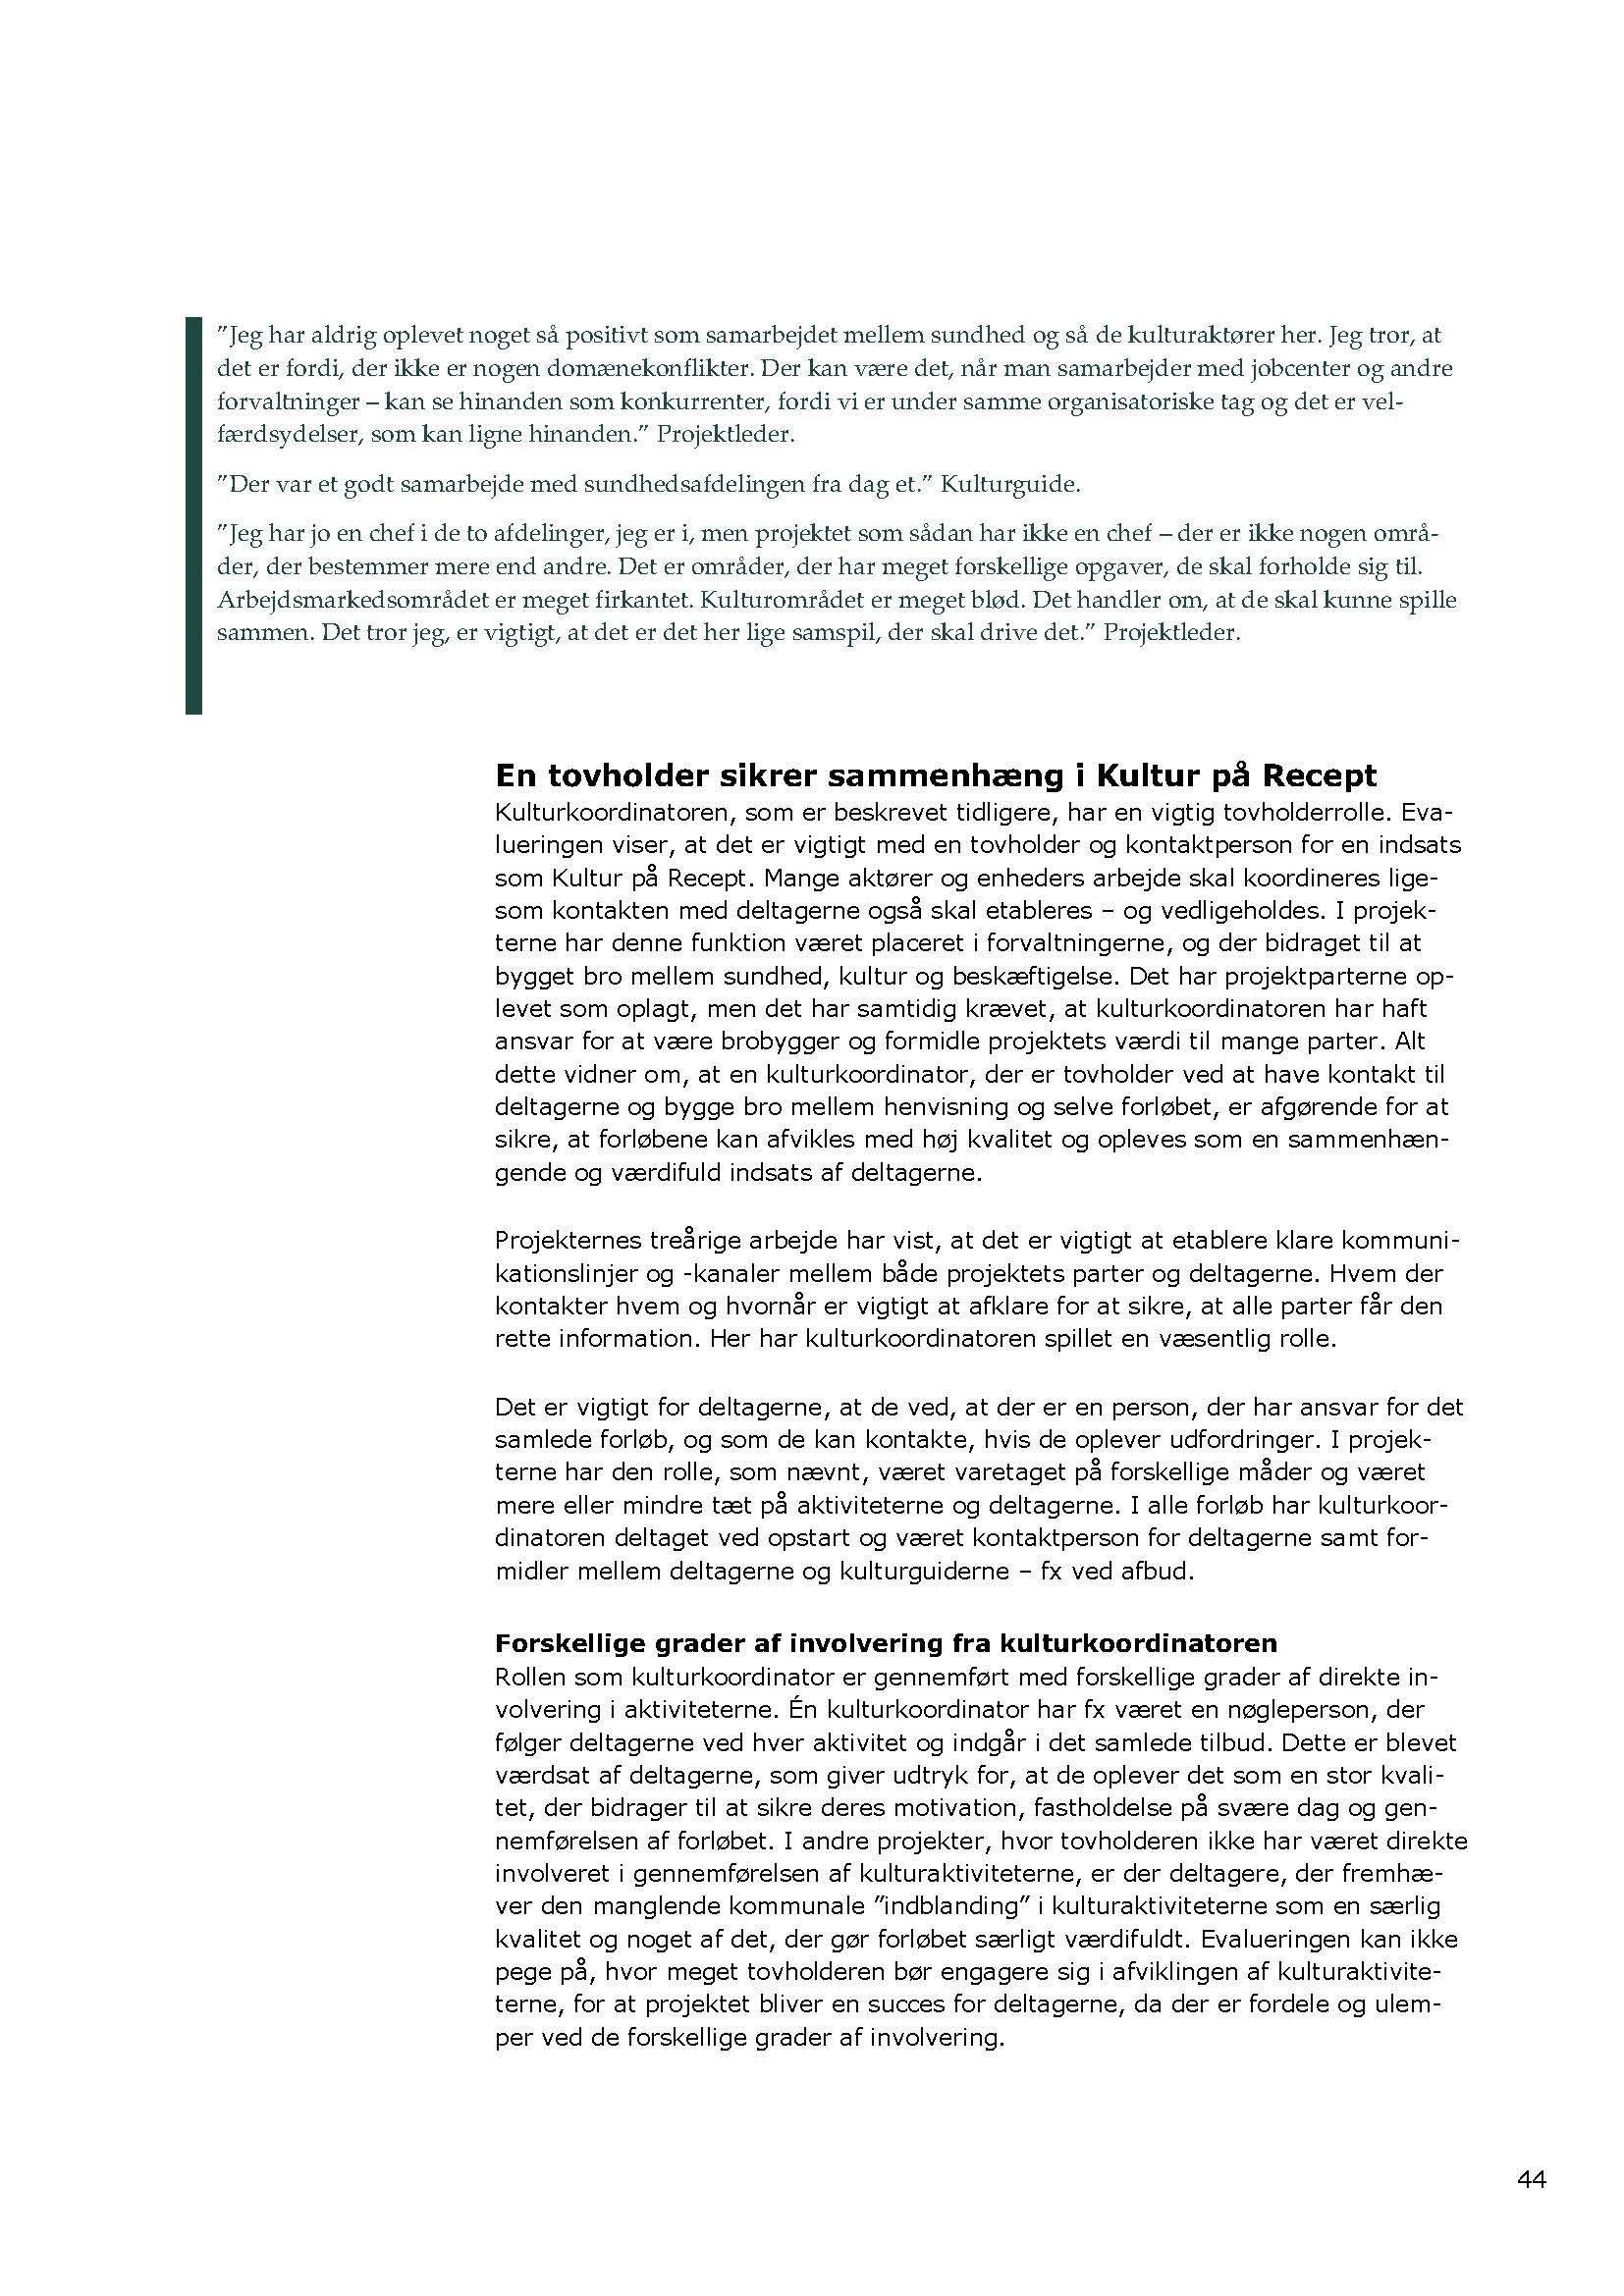 Kultur-paa-recept_tvaergaaende-evaluering_foraar-2020_Page_44